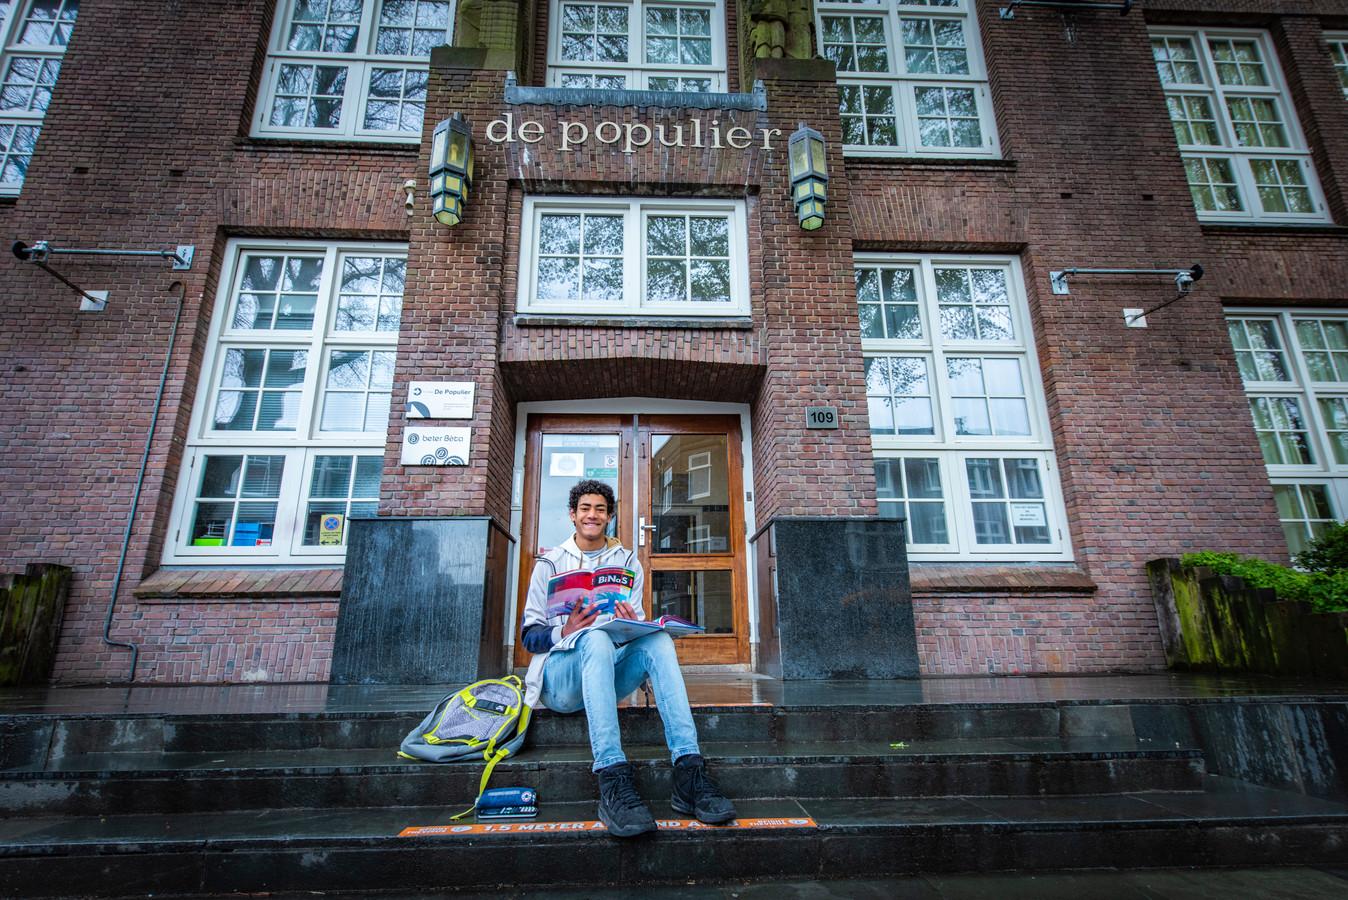 Soll Ndongosi (16) uit Den Haag doet havo-eindexamen op De Populier.